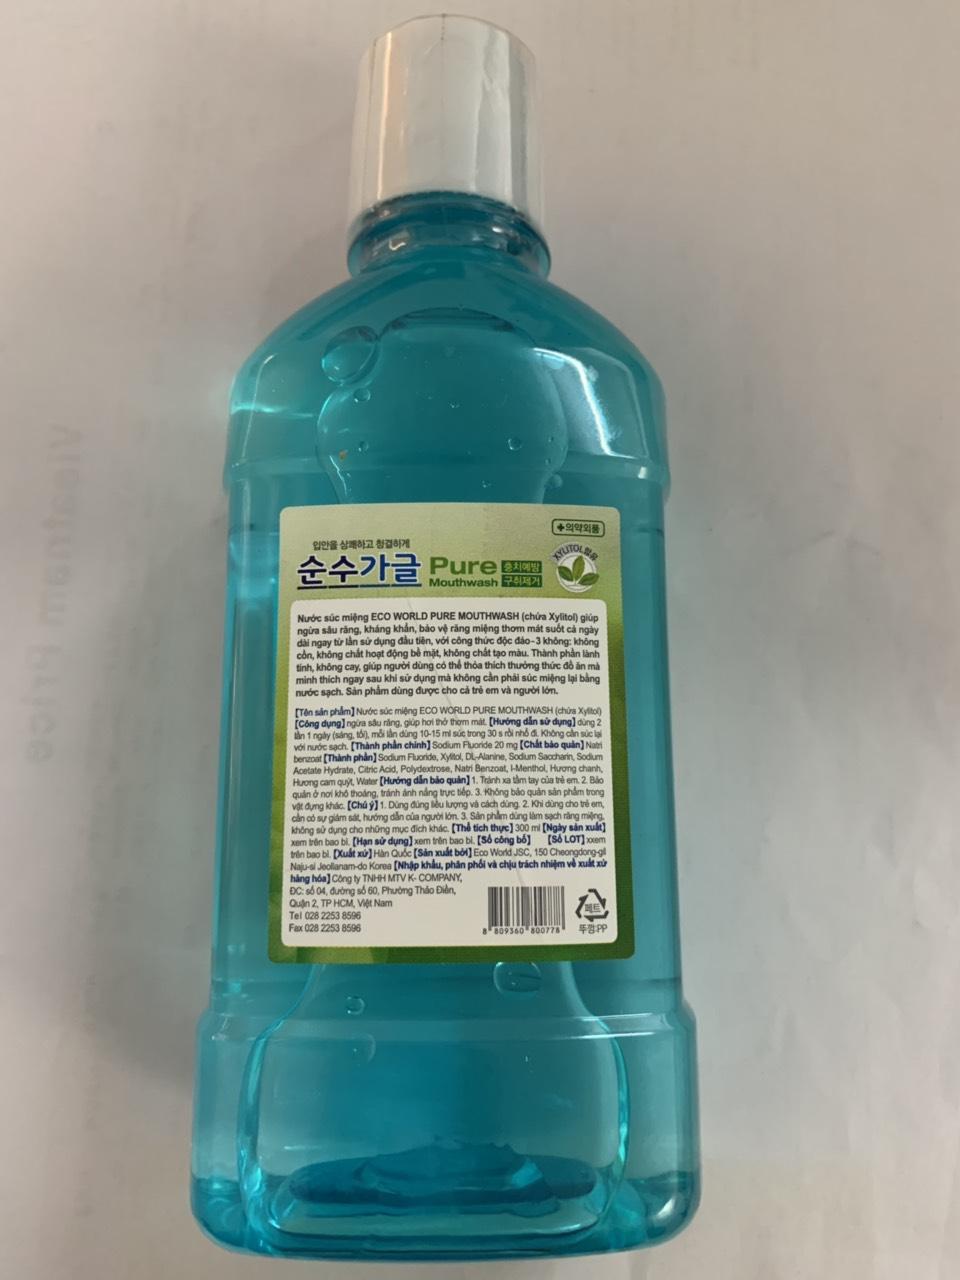 Nước súc miệng nhập khẩu Hàn Quốc - Chai 300ml hương chanh, không cay dùng được cho người lớn và trẻ em